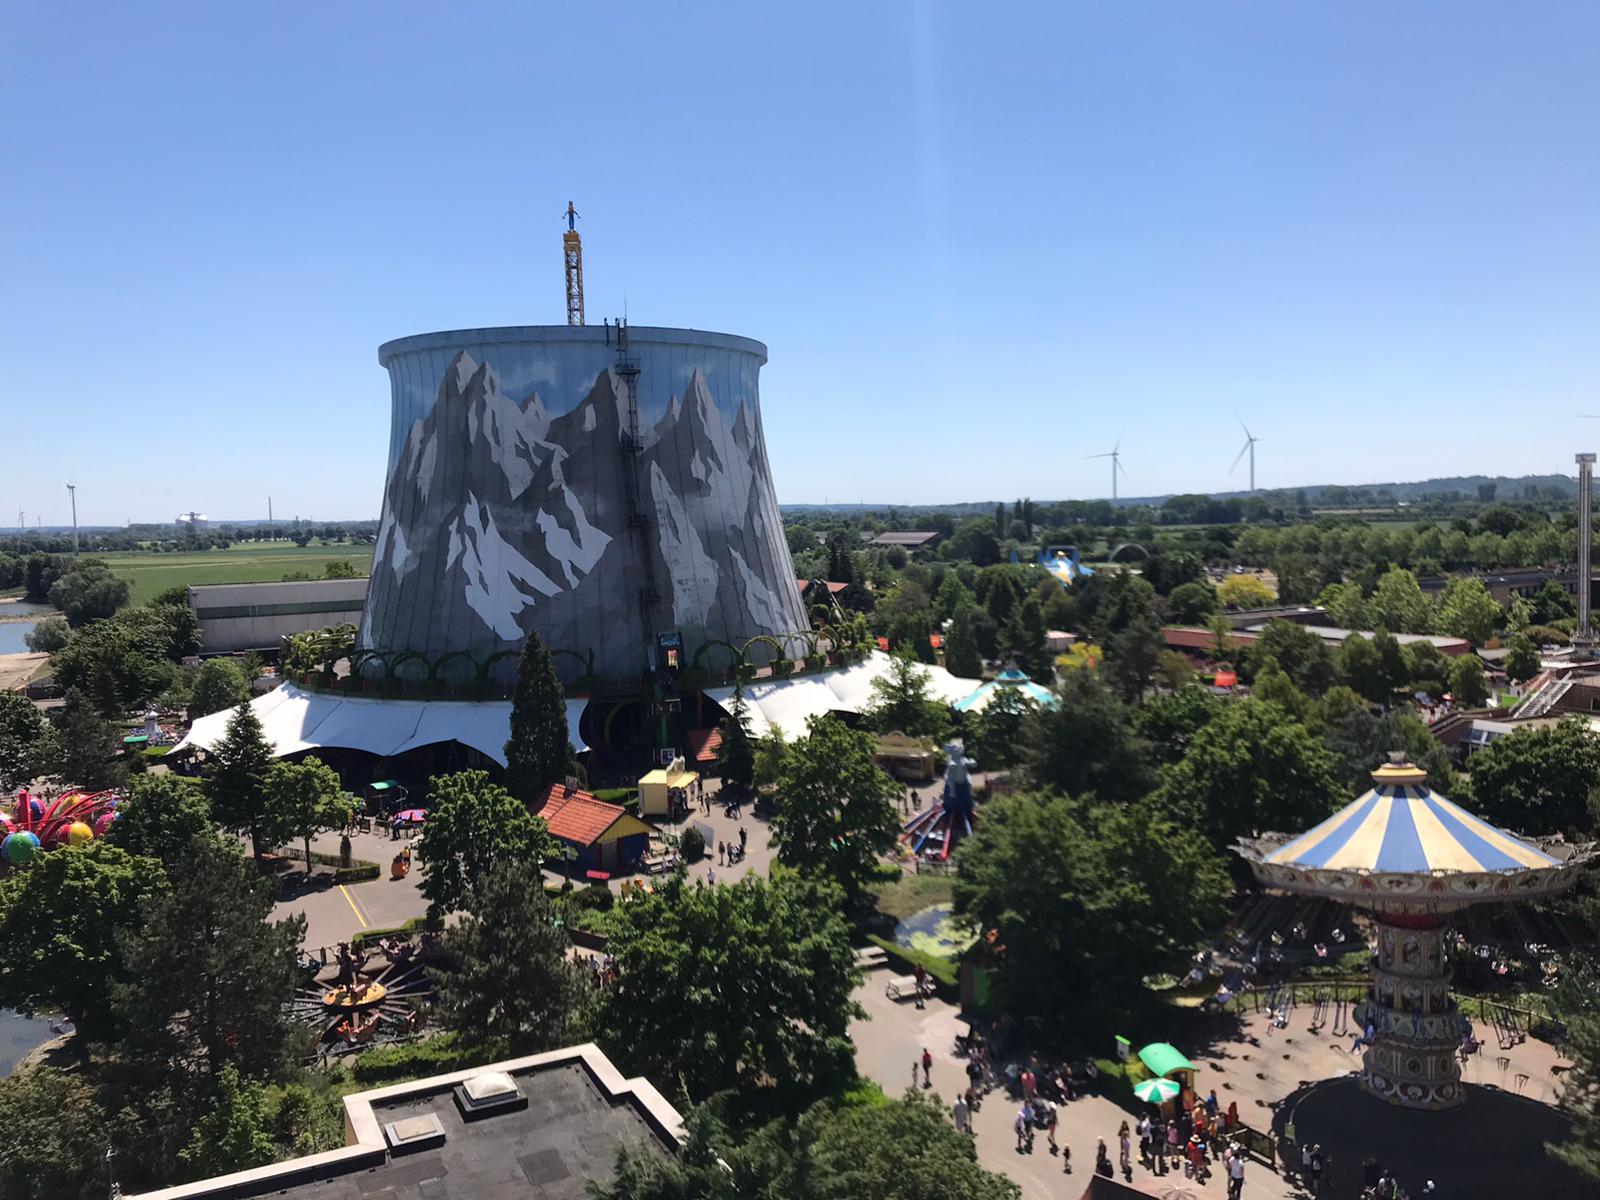 Europapark Corona Erfahrungen